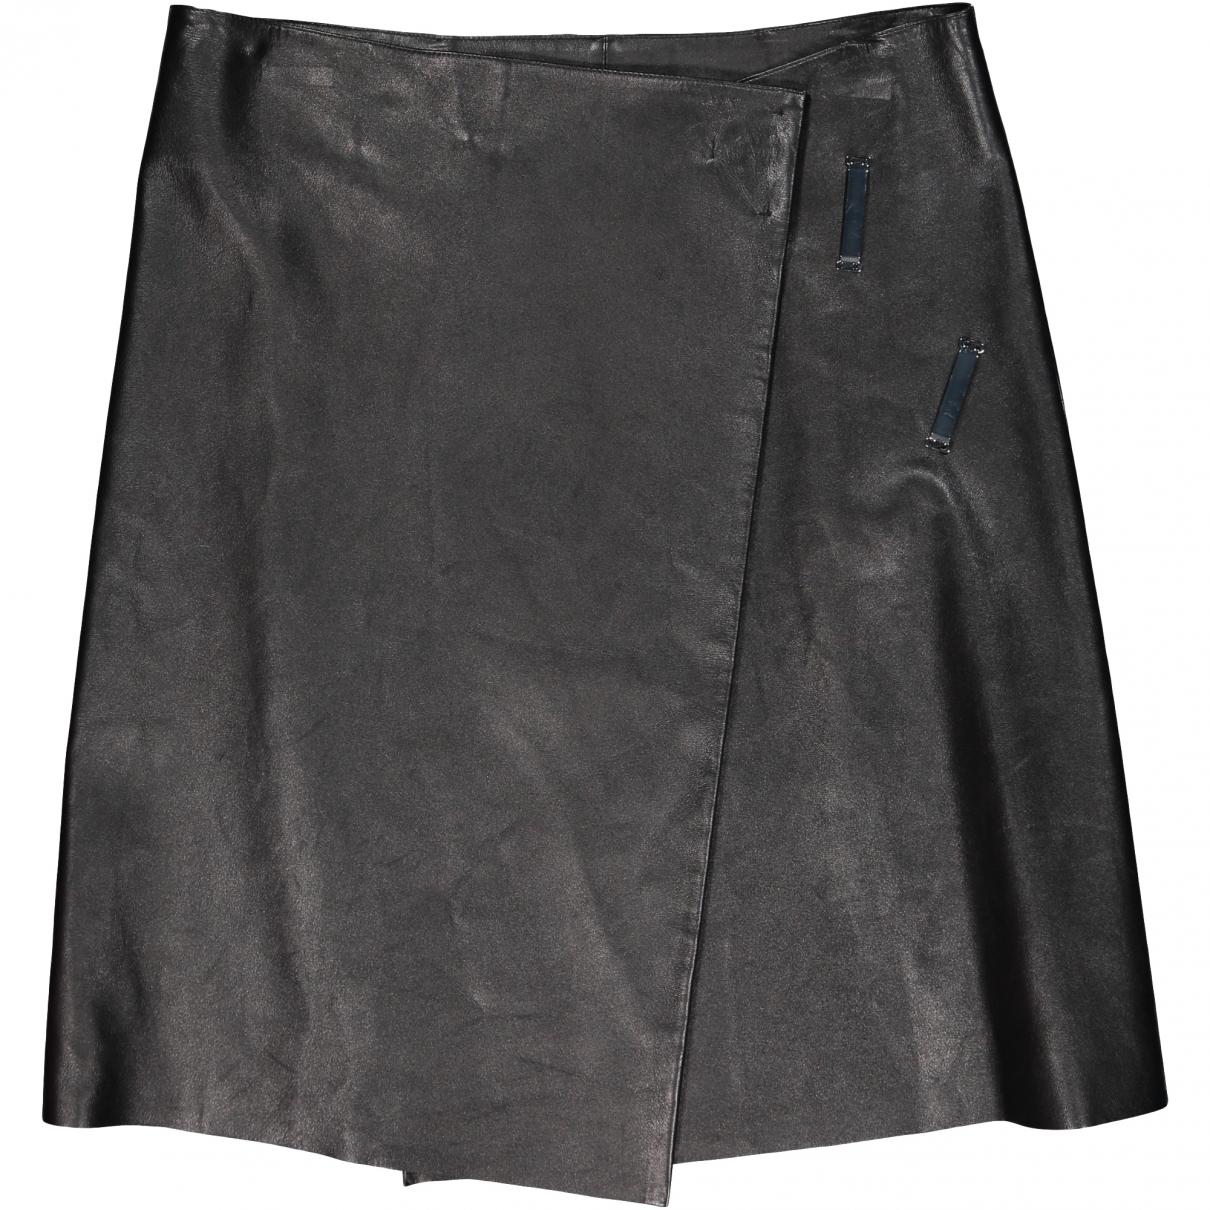 Celine \N Black Leather skirt for Women 42 FR